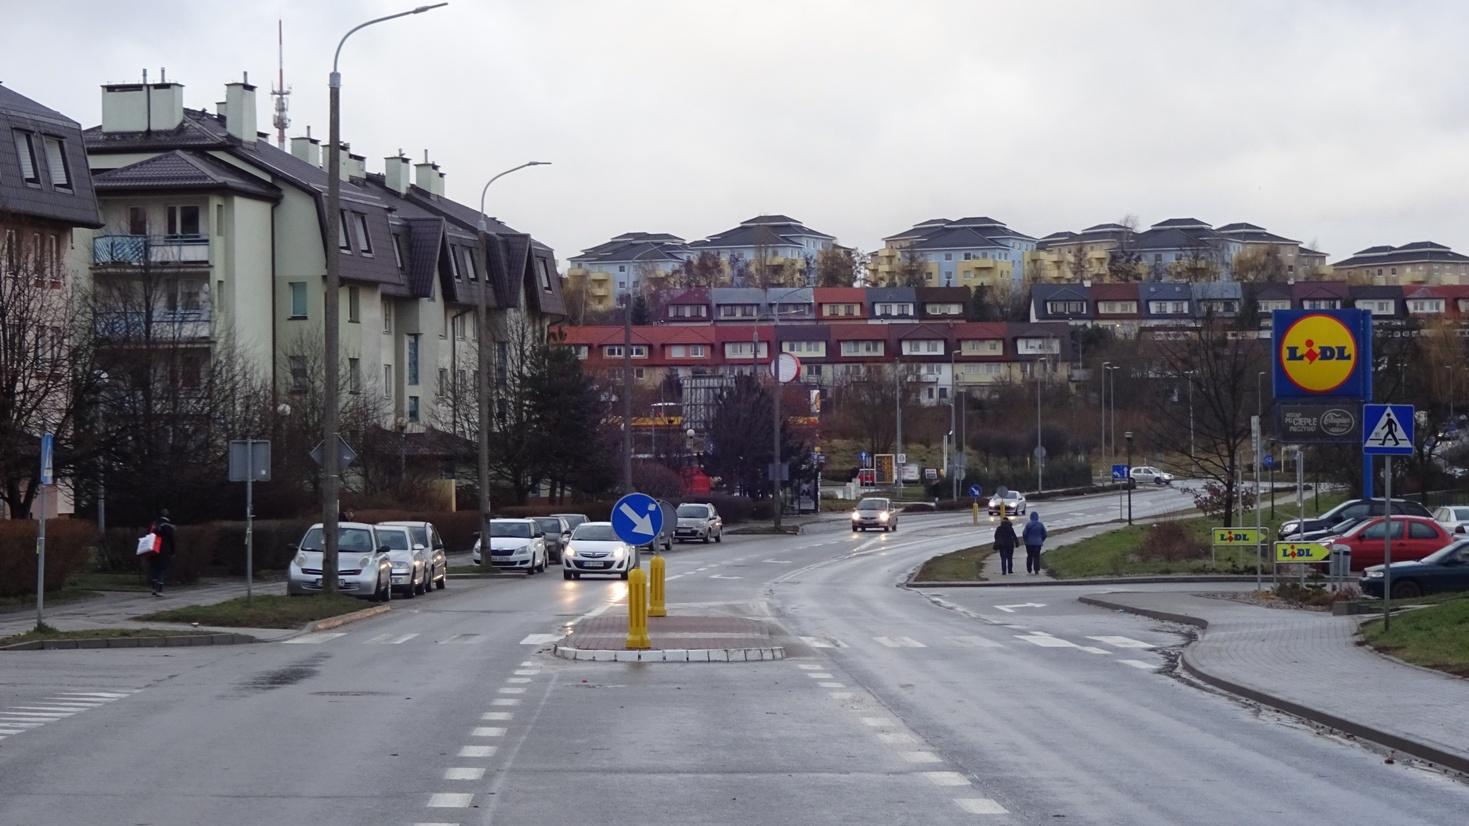 Platynowa-poprawa-bezpieczenstwa-na-przejsciach-dla-pieszych